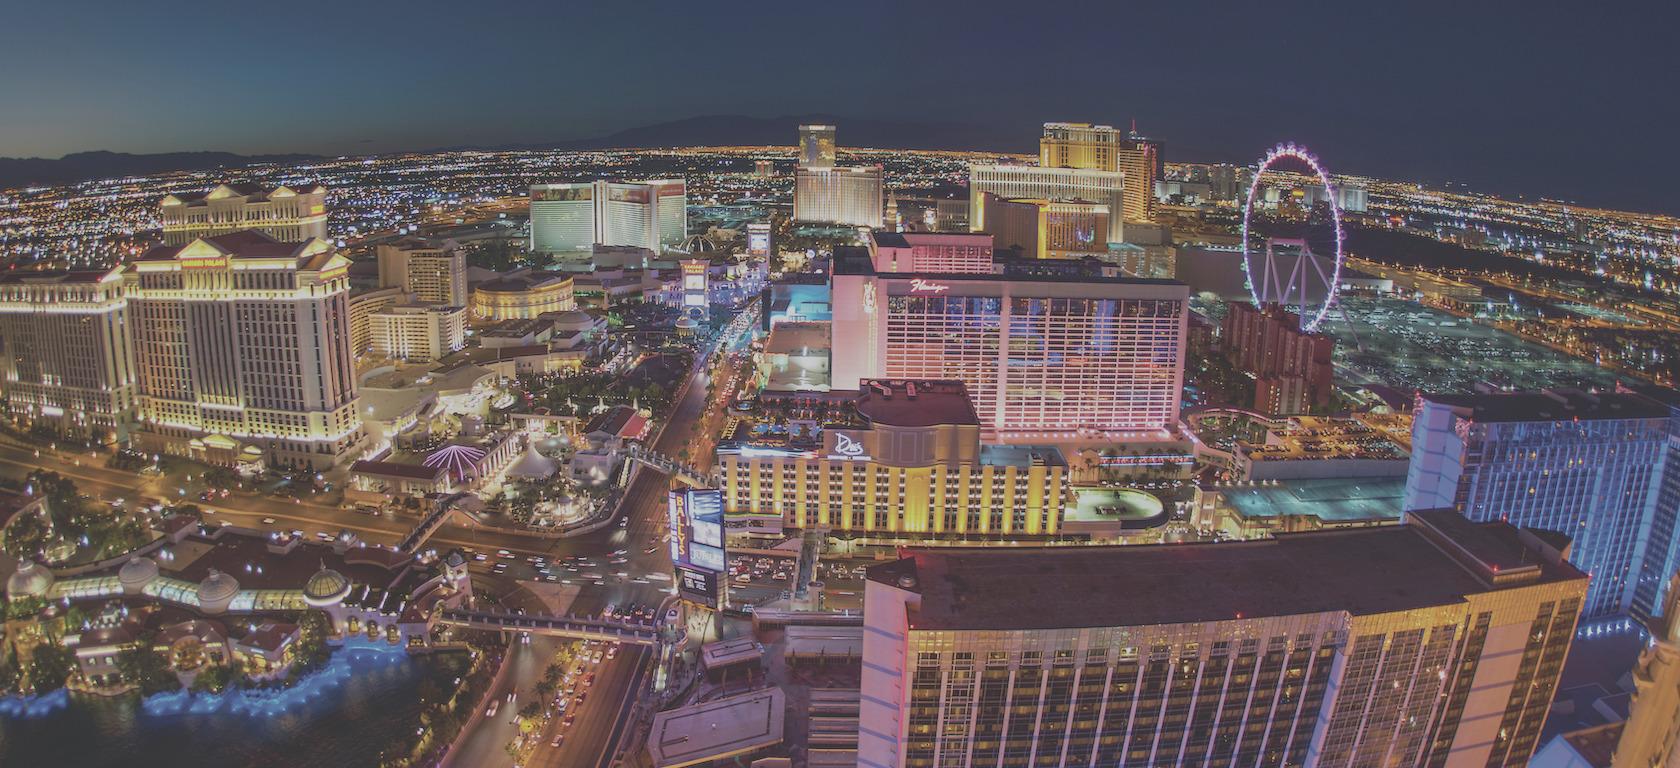 Aerial photo of Las Vegas skyline.